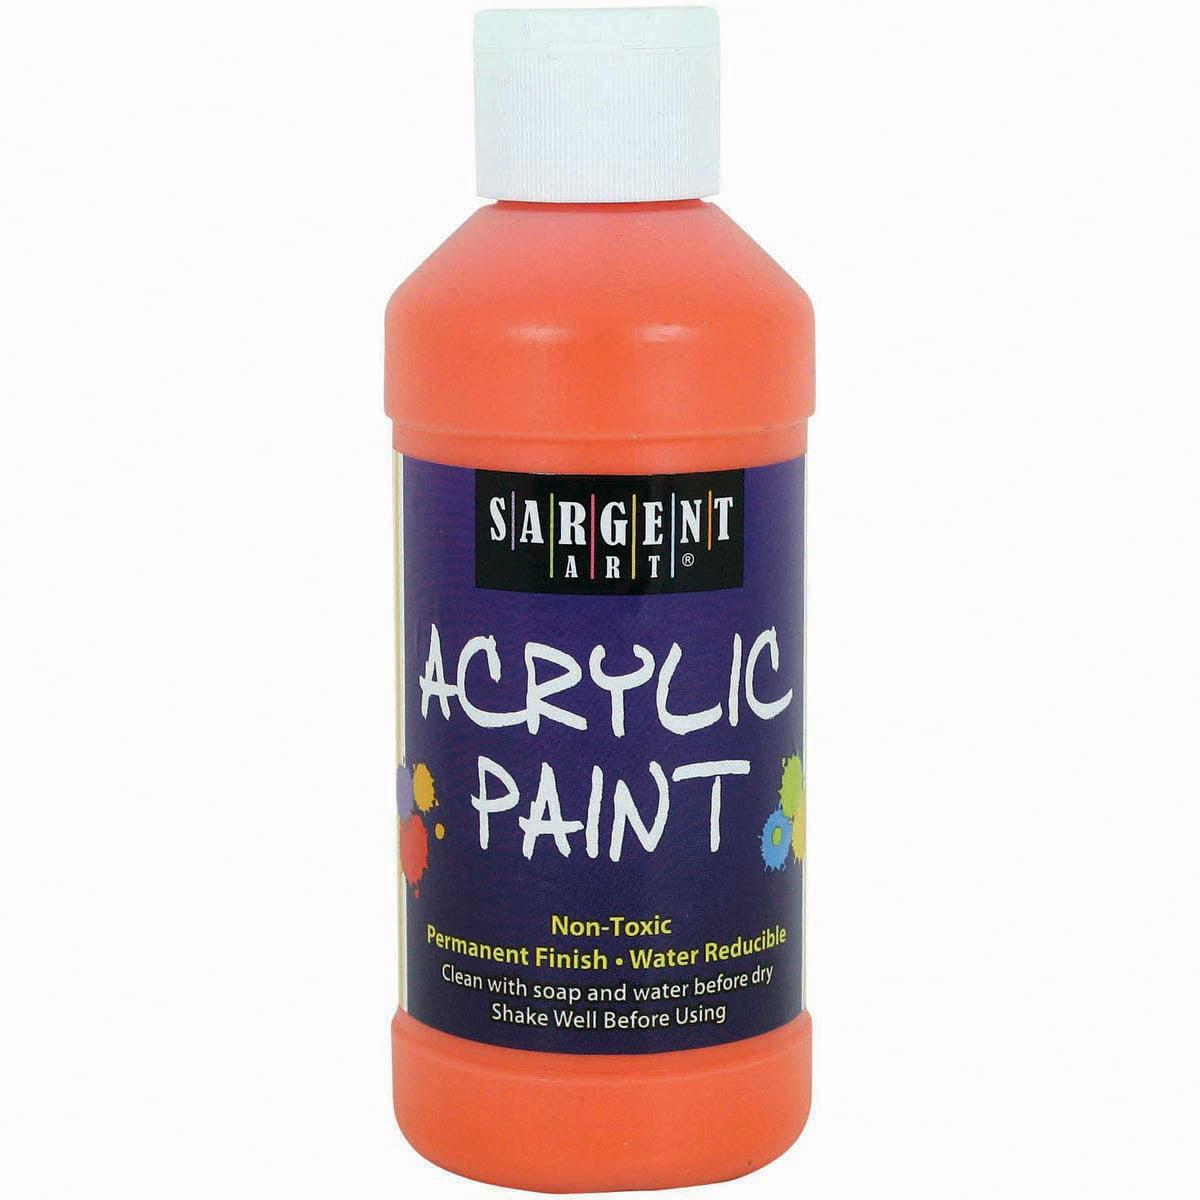 Acrylic Paint 8Oz-Orange - image 1 de 1